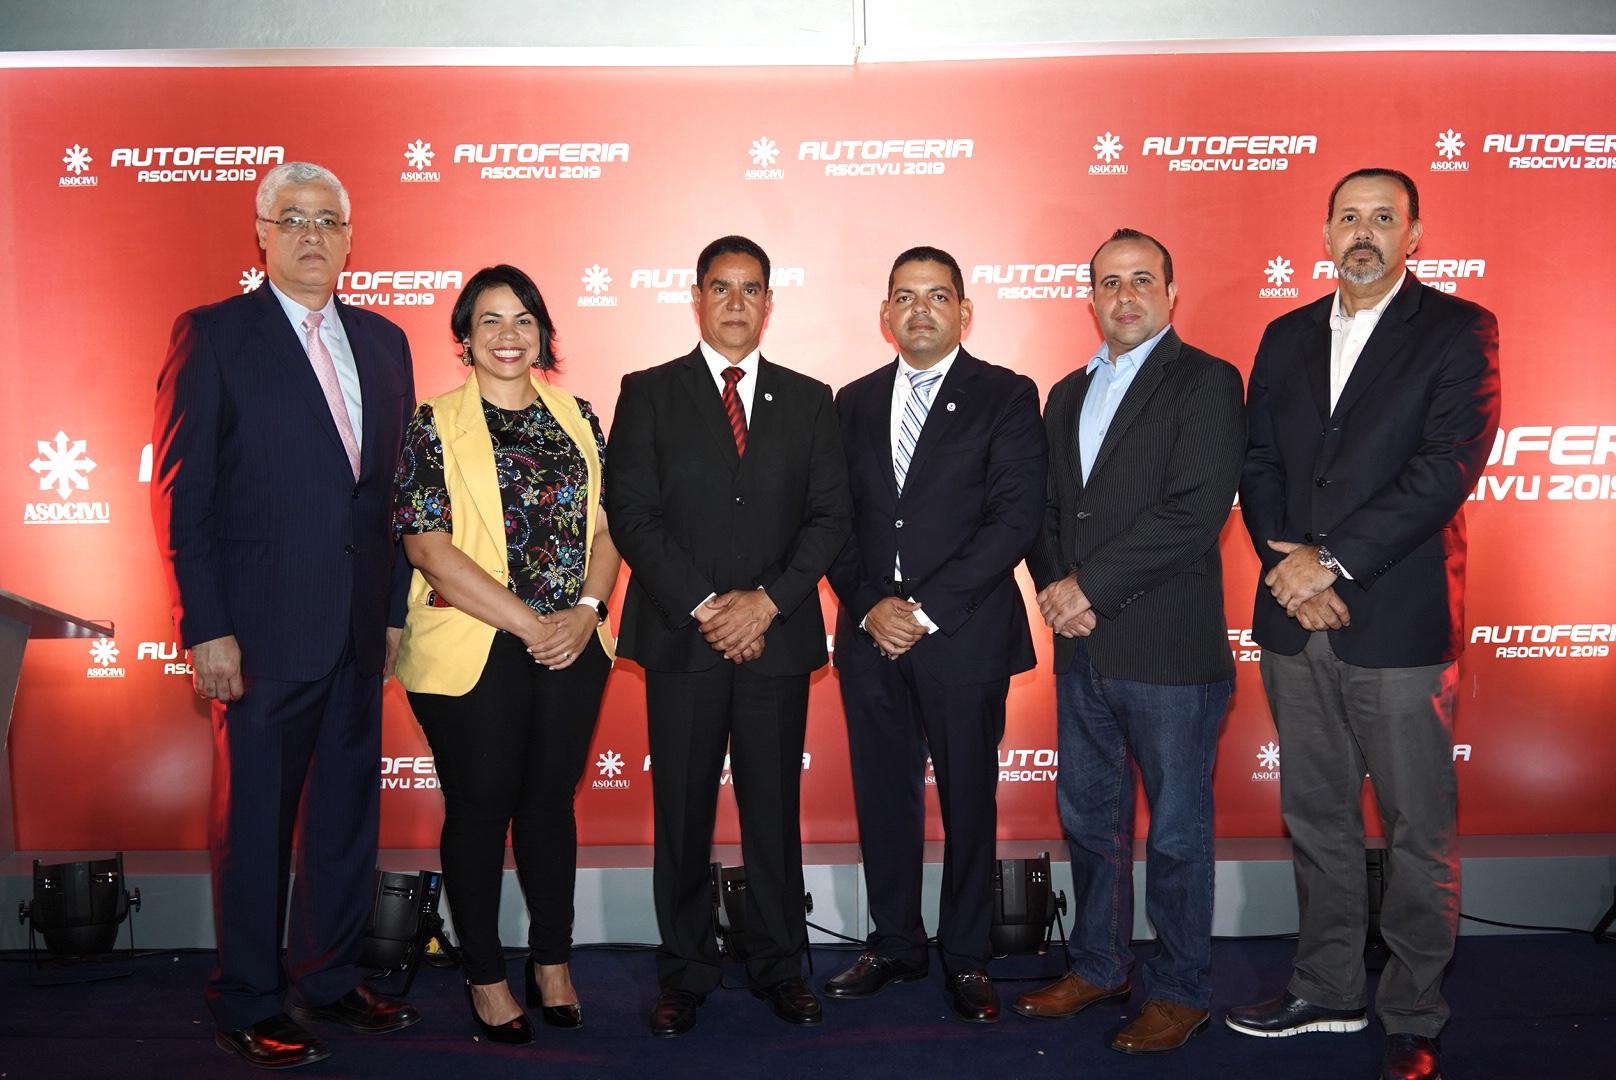 Silvestre Aybar Ingrid Calcaño Angel Alberto Then Peter Cabrera Gustavo Domingo y Darío Muñoz